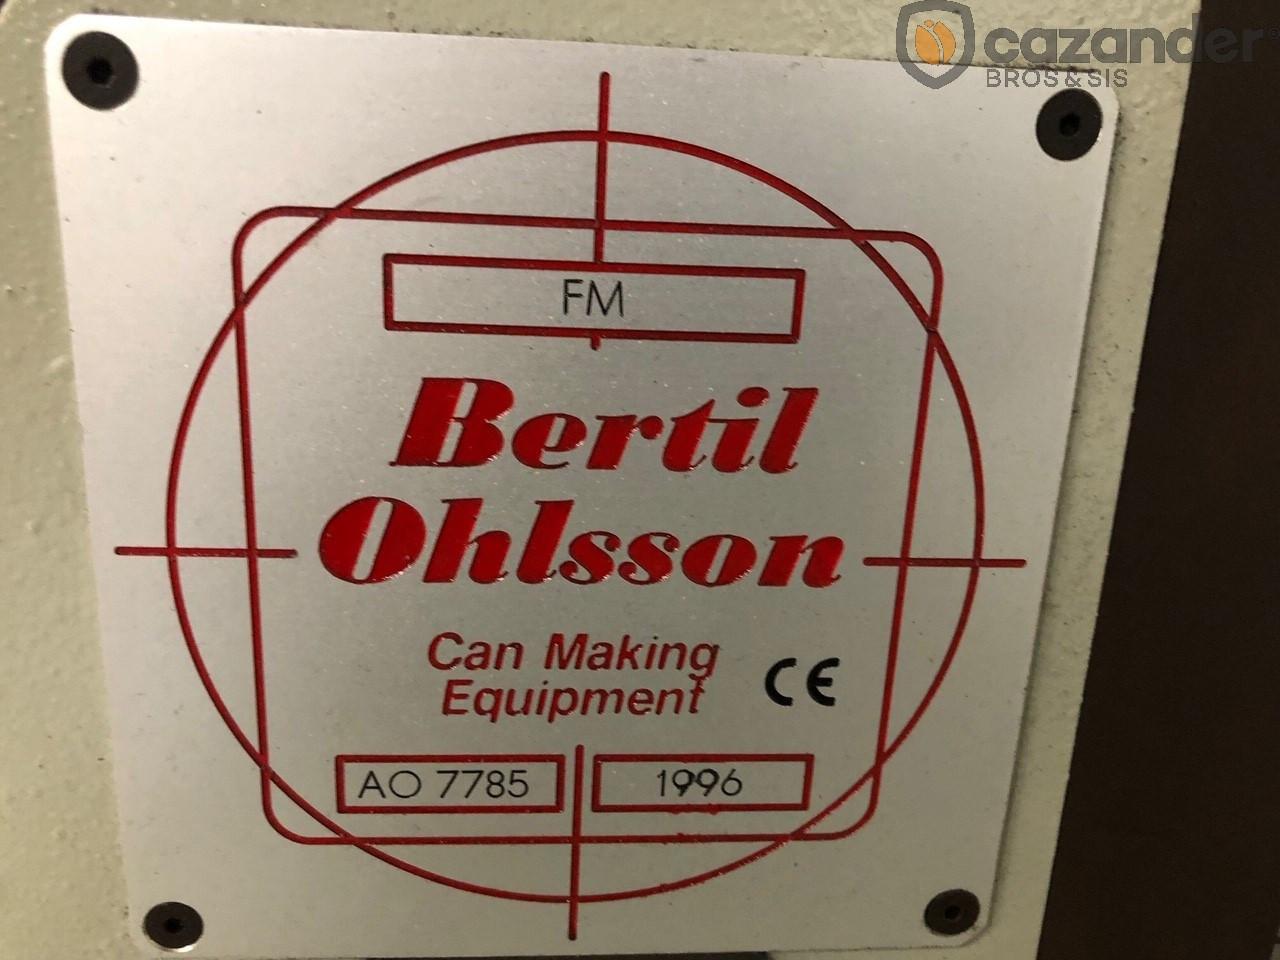 Bertil Ohlsson FM expansionadora